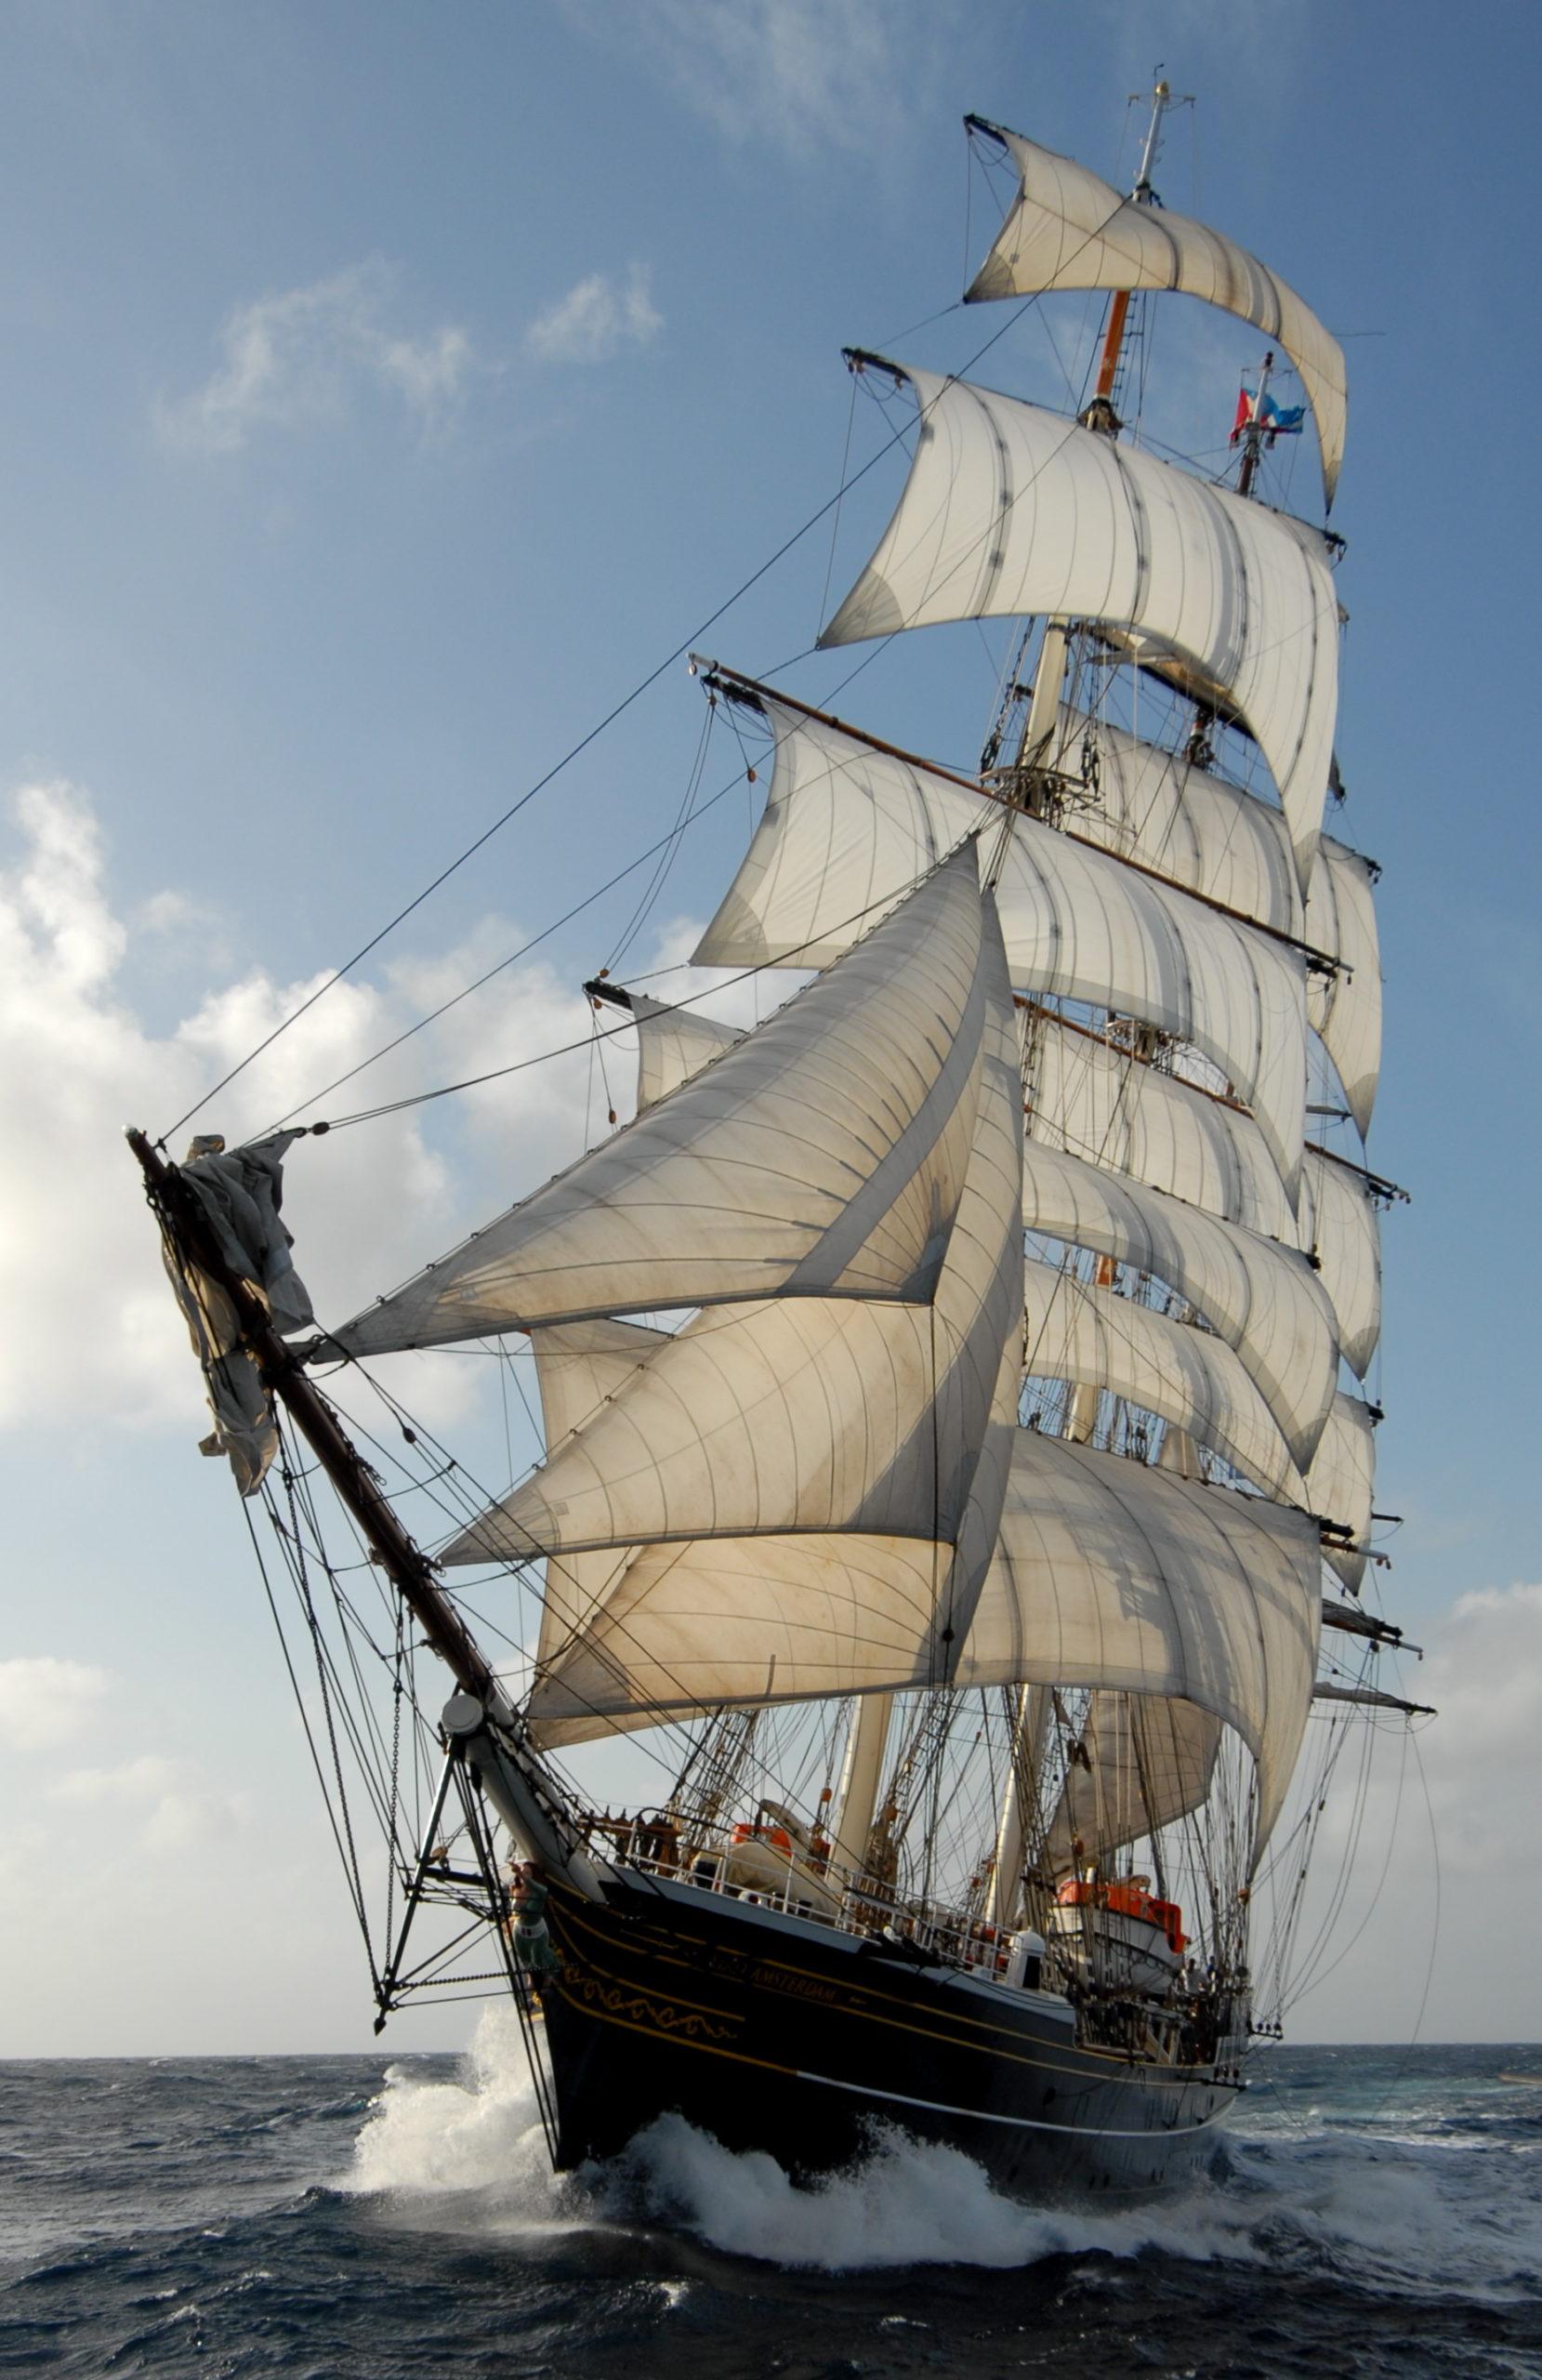 De clipper Stad Amsterdam vaart door de zee terwijl de golven tegen de boot slaan